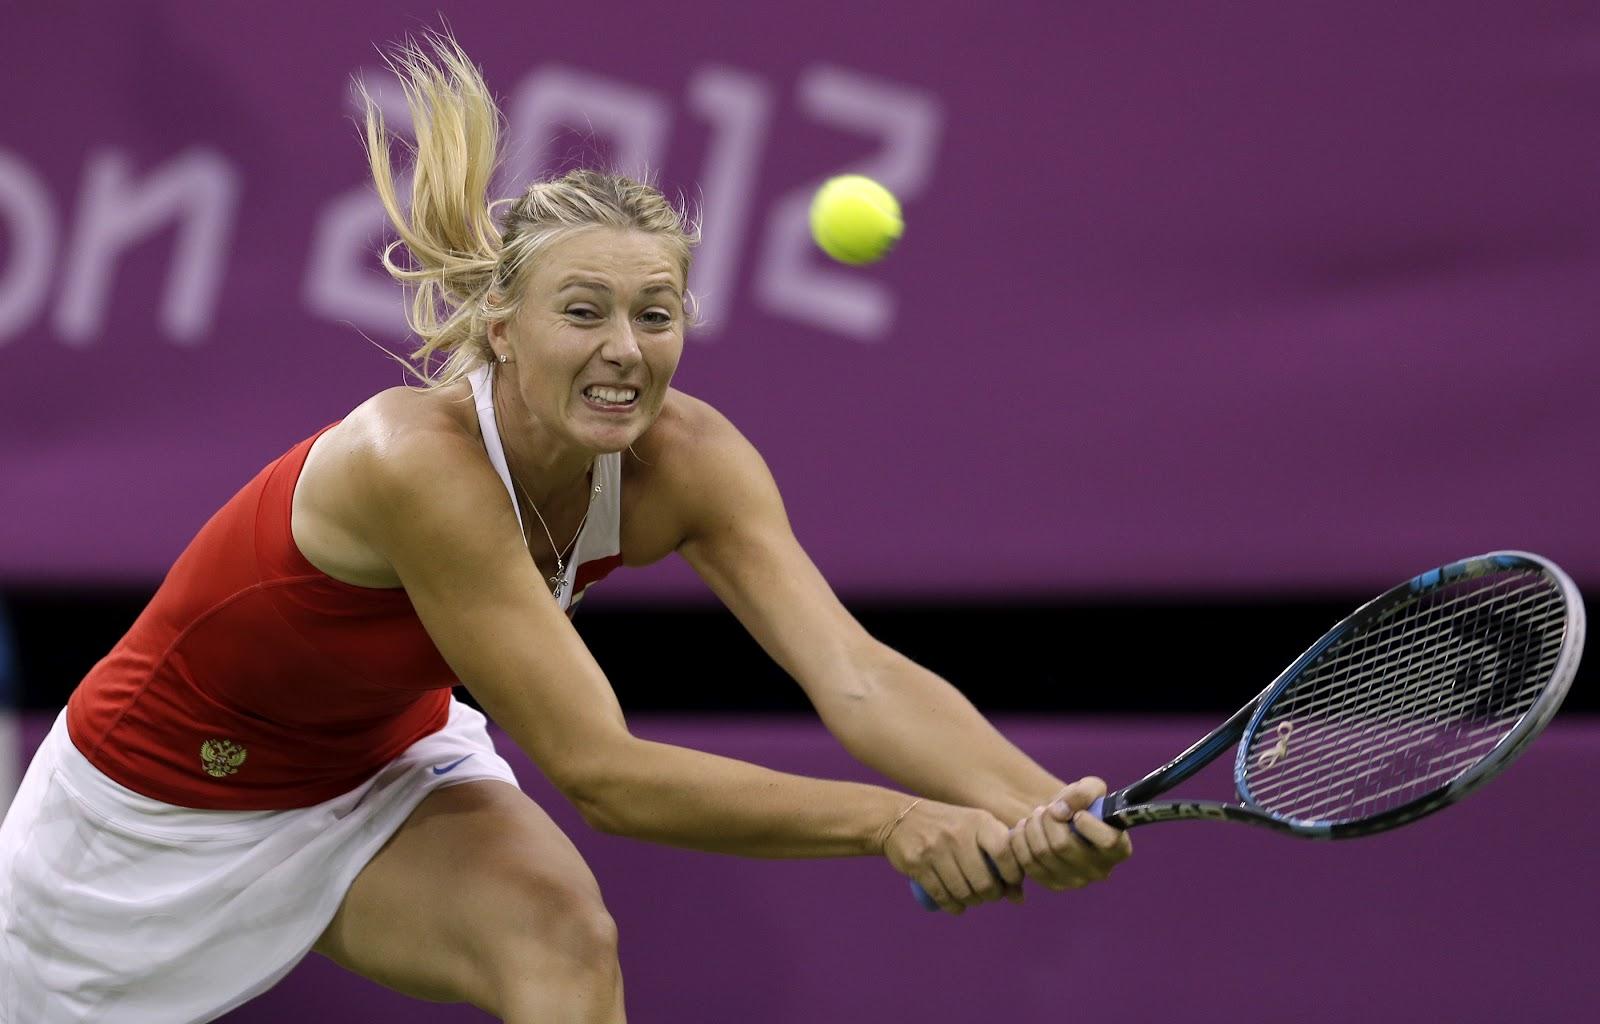 http://4.bp.blogspot.com/-qmaL29-goTU/UBZlXTkGBnI/AAAAAAAAEC0/zm_GssRtfOA/s1600/Maria+Sharapova+Olympics+2012-05.jpg